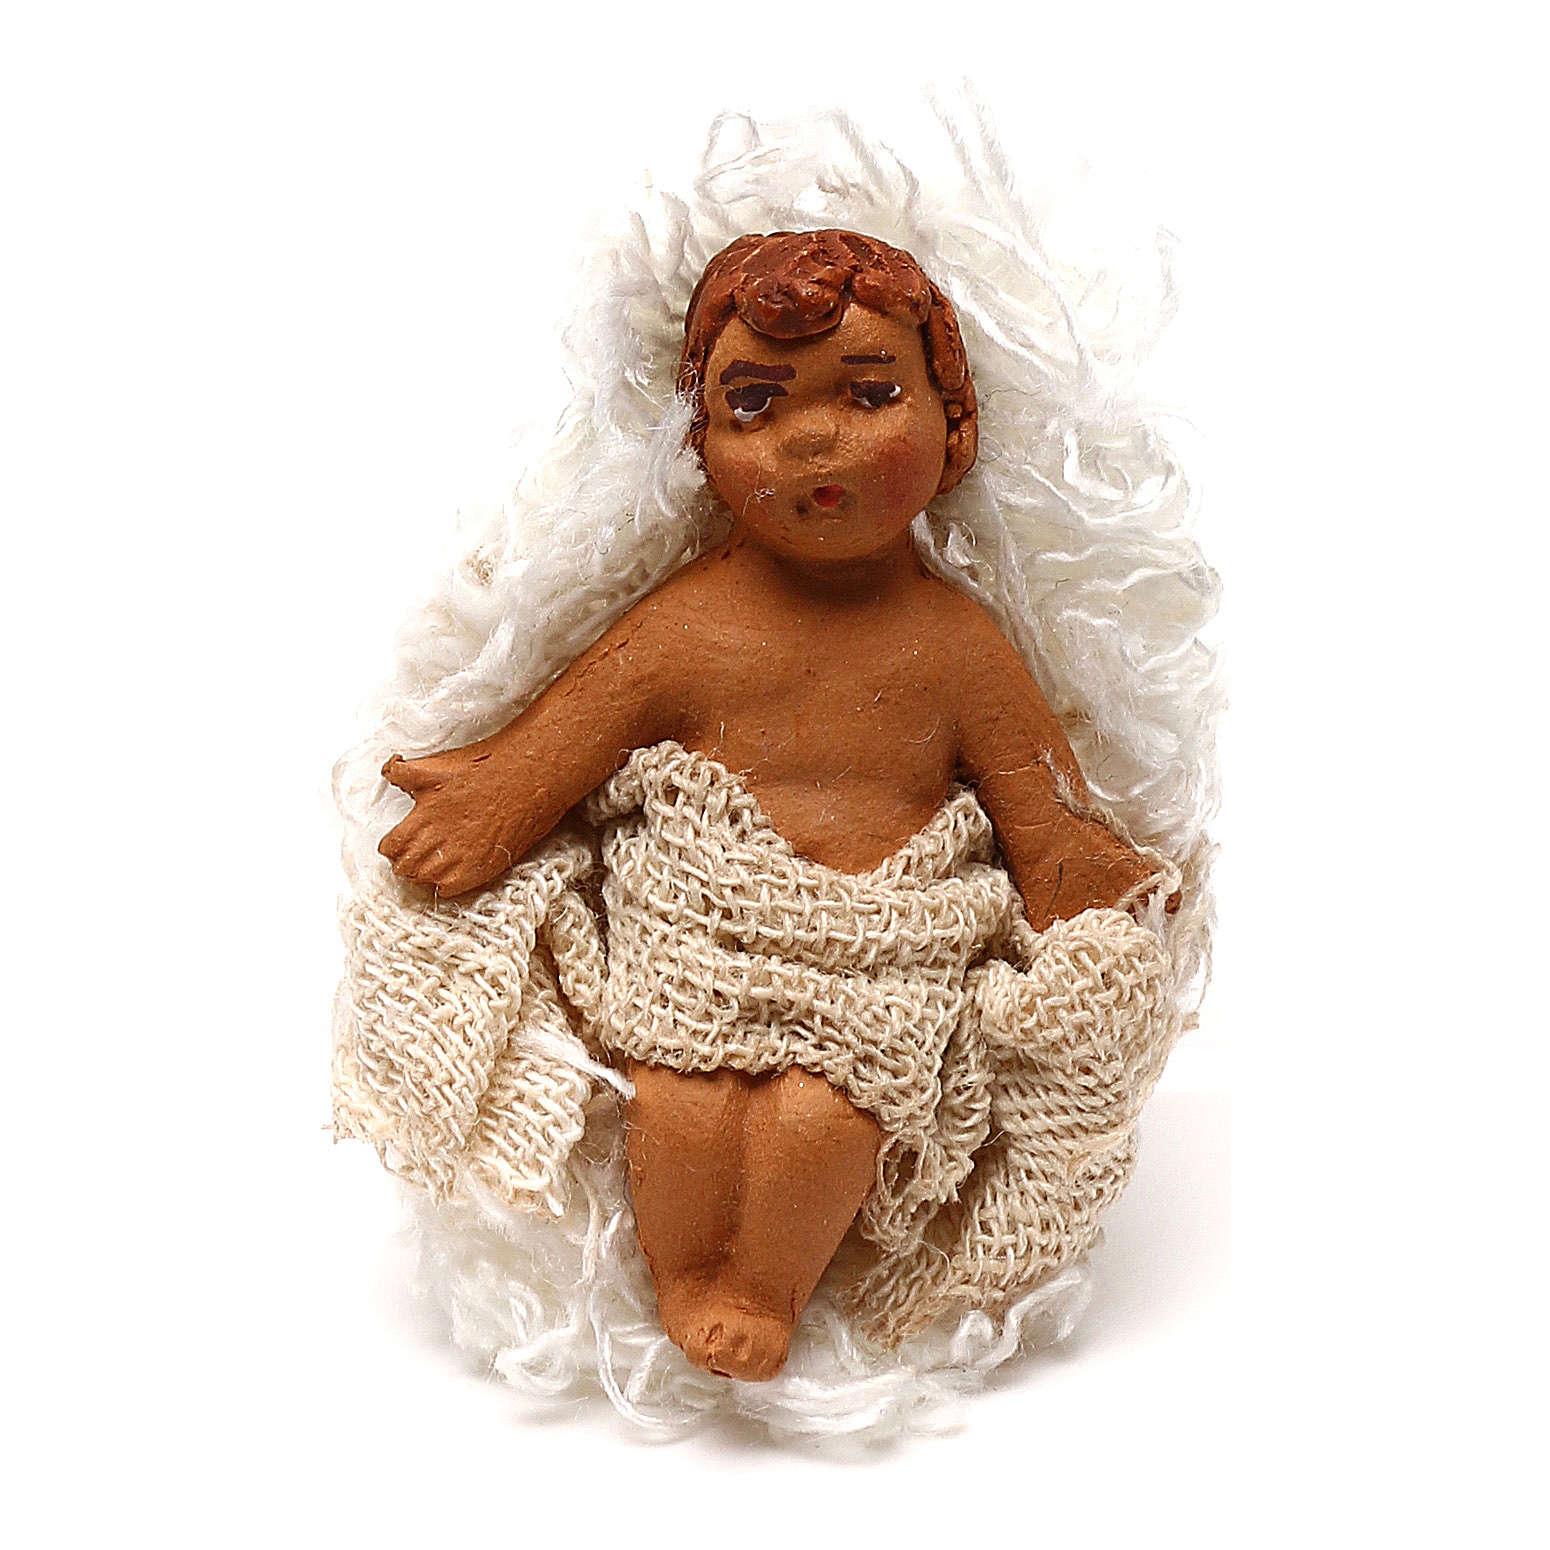 STOCK Baby Jesus in the manger, Neapolitan Nativity scene 7 cm 4